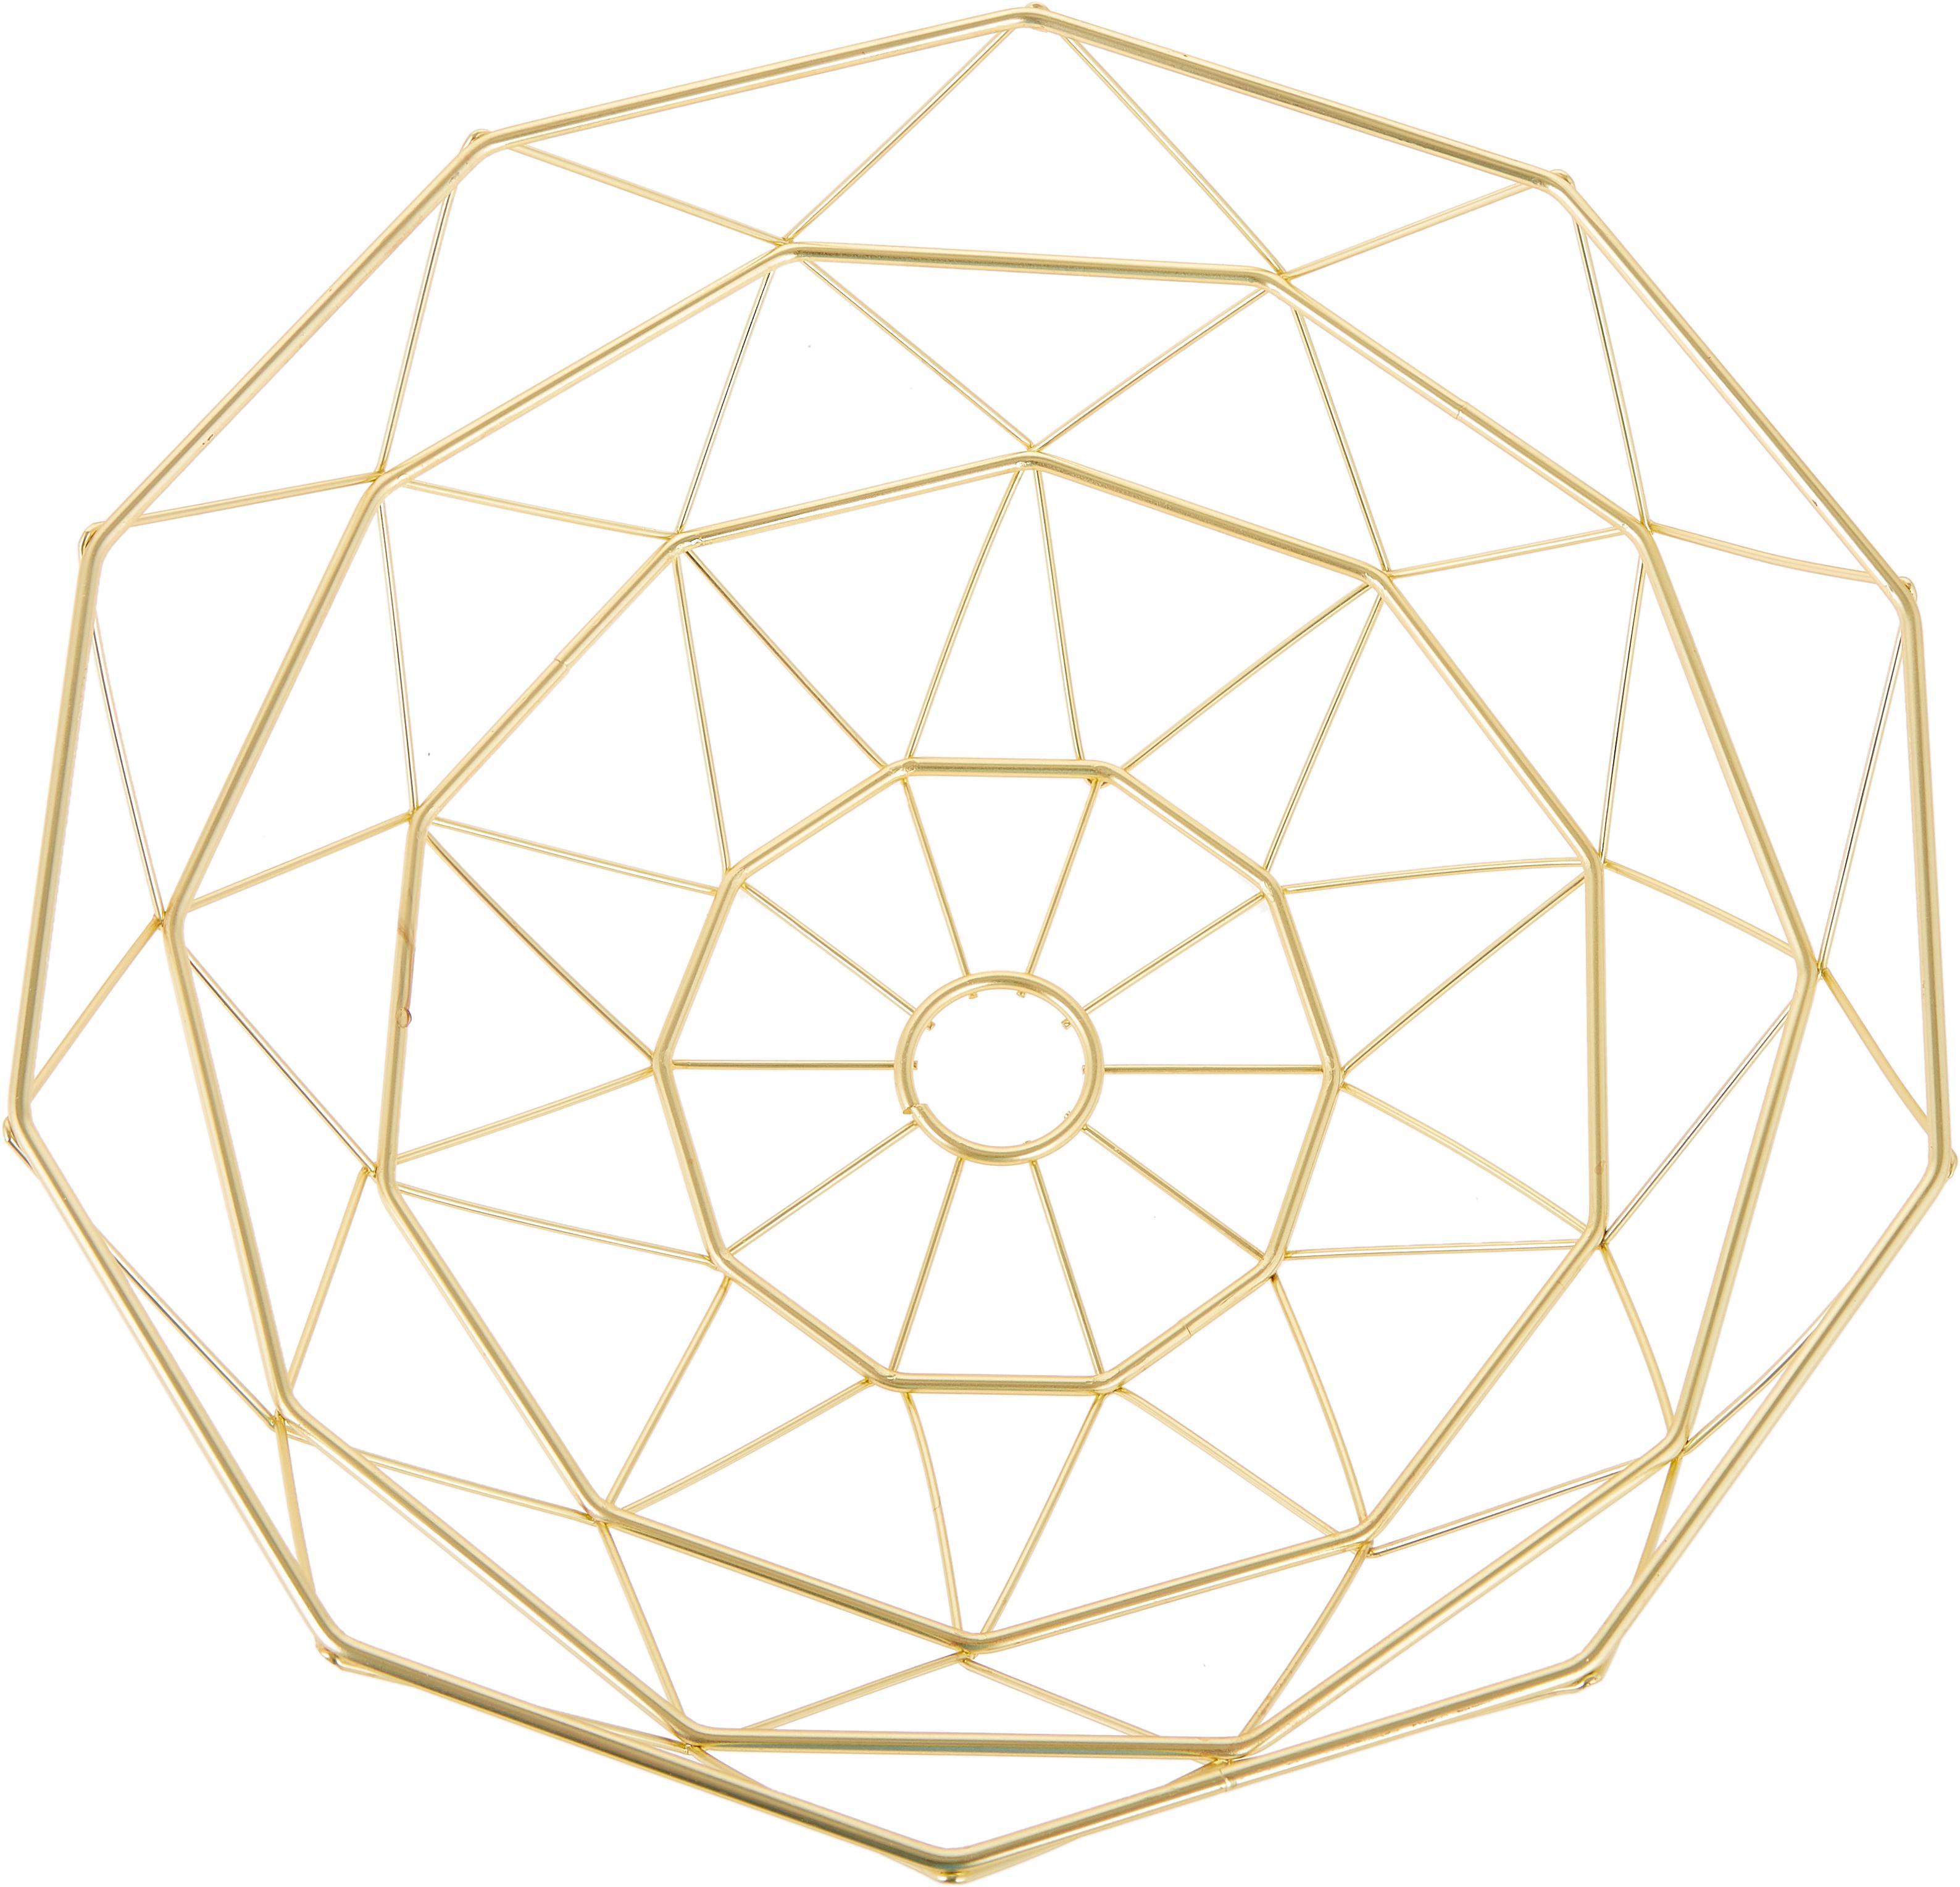 Aufbewahrungskorb Diamond Cut in Gold, Metall, Goldfarben, matt, Ø 35 x H 13 cm